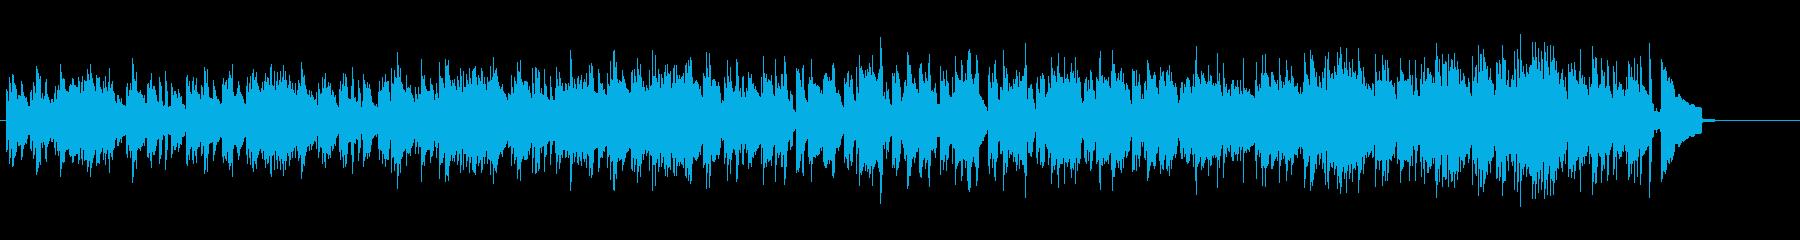 流麗でエレガントなアコースティックの再生済みの波形